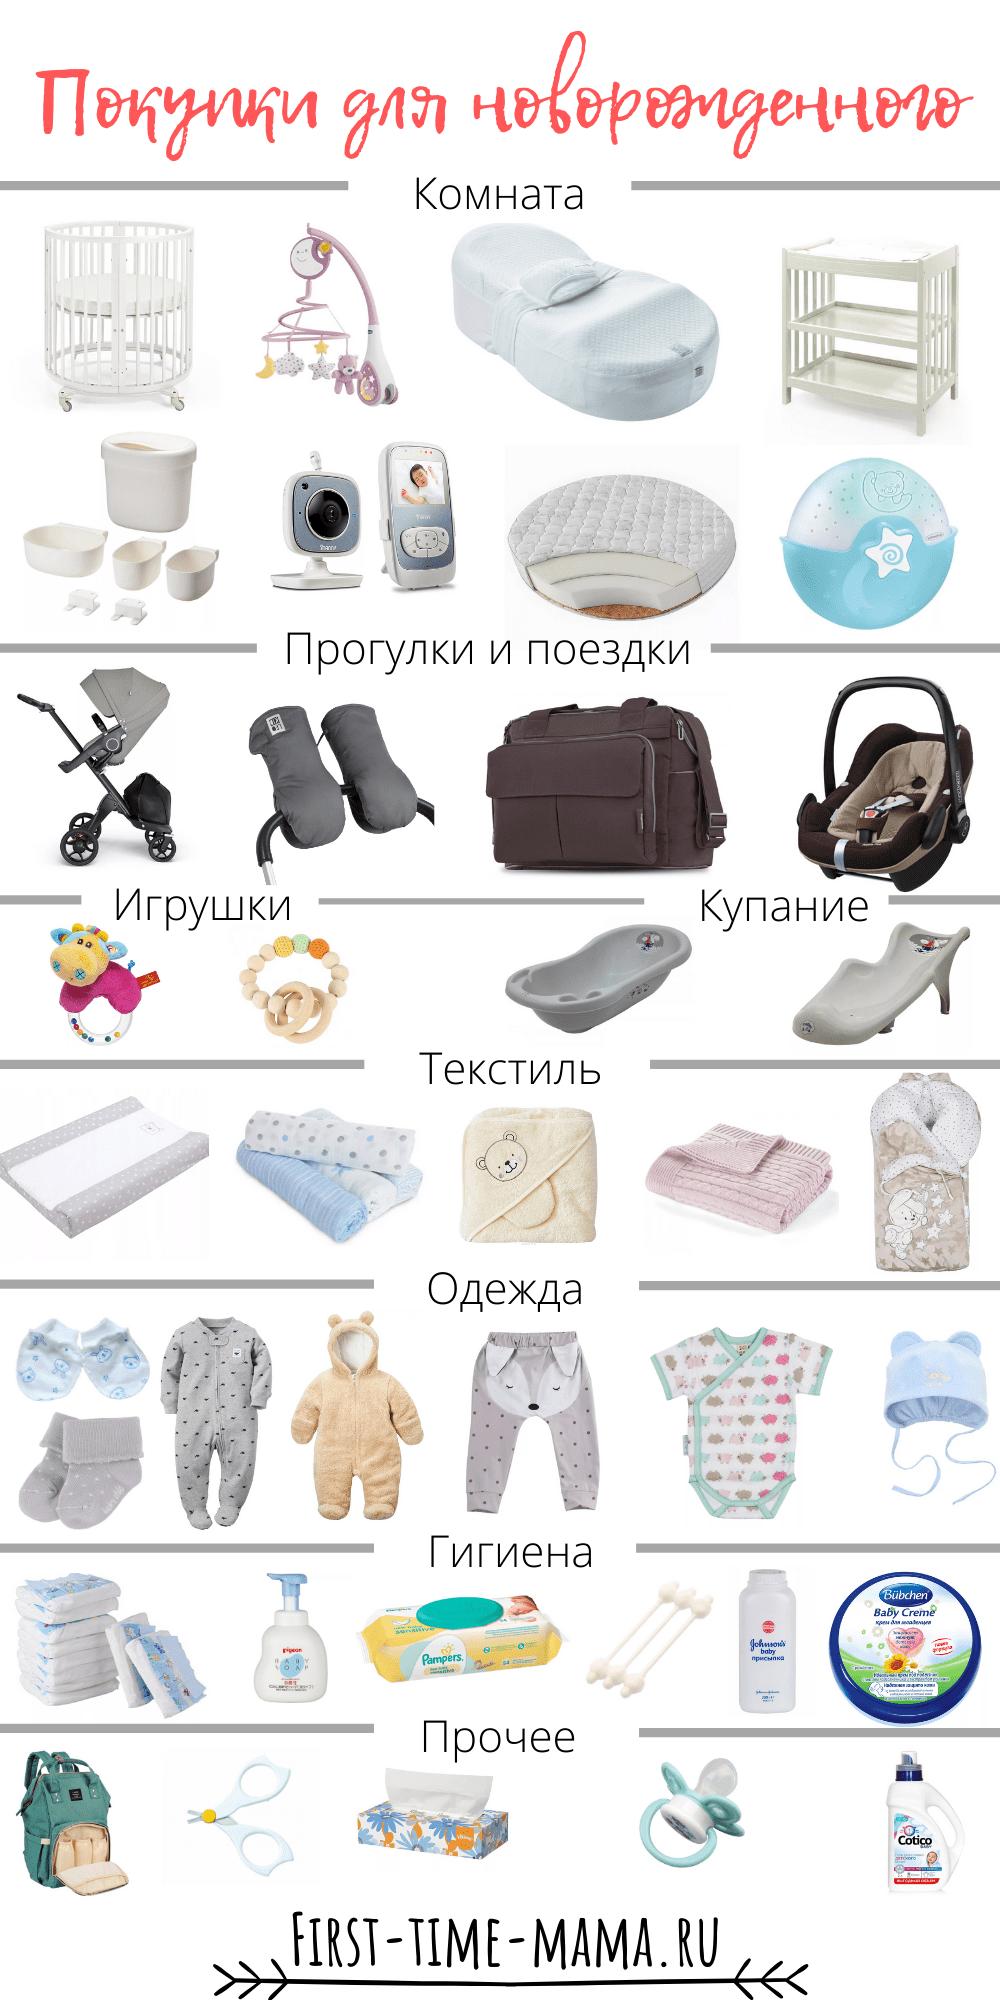 список покупок для новорожденного | Впервые мама